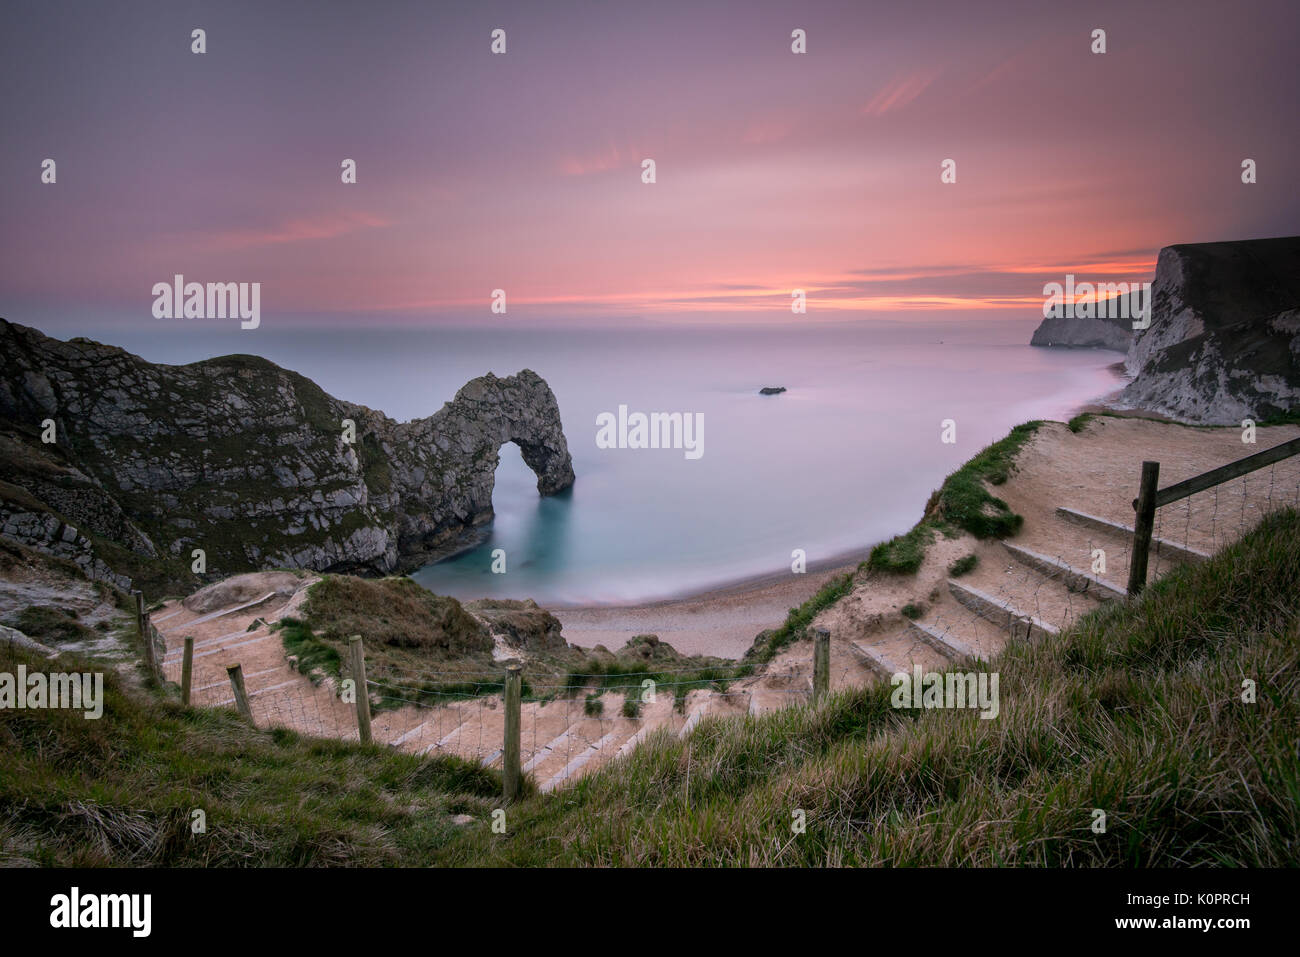 Eine dramatische magenta Sonnenuntergang auf einer Sommer Abend an Durdle Door auf der Jurassic Coast in Dorset, ein Weltkulturerbe mit einer langen Belichtungszeit genommen Stockbild